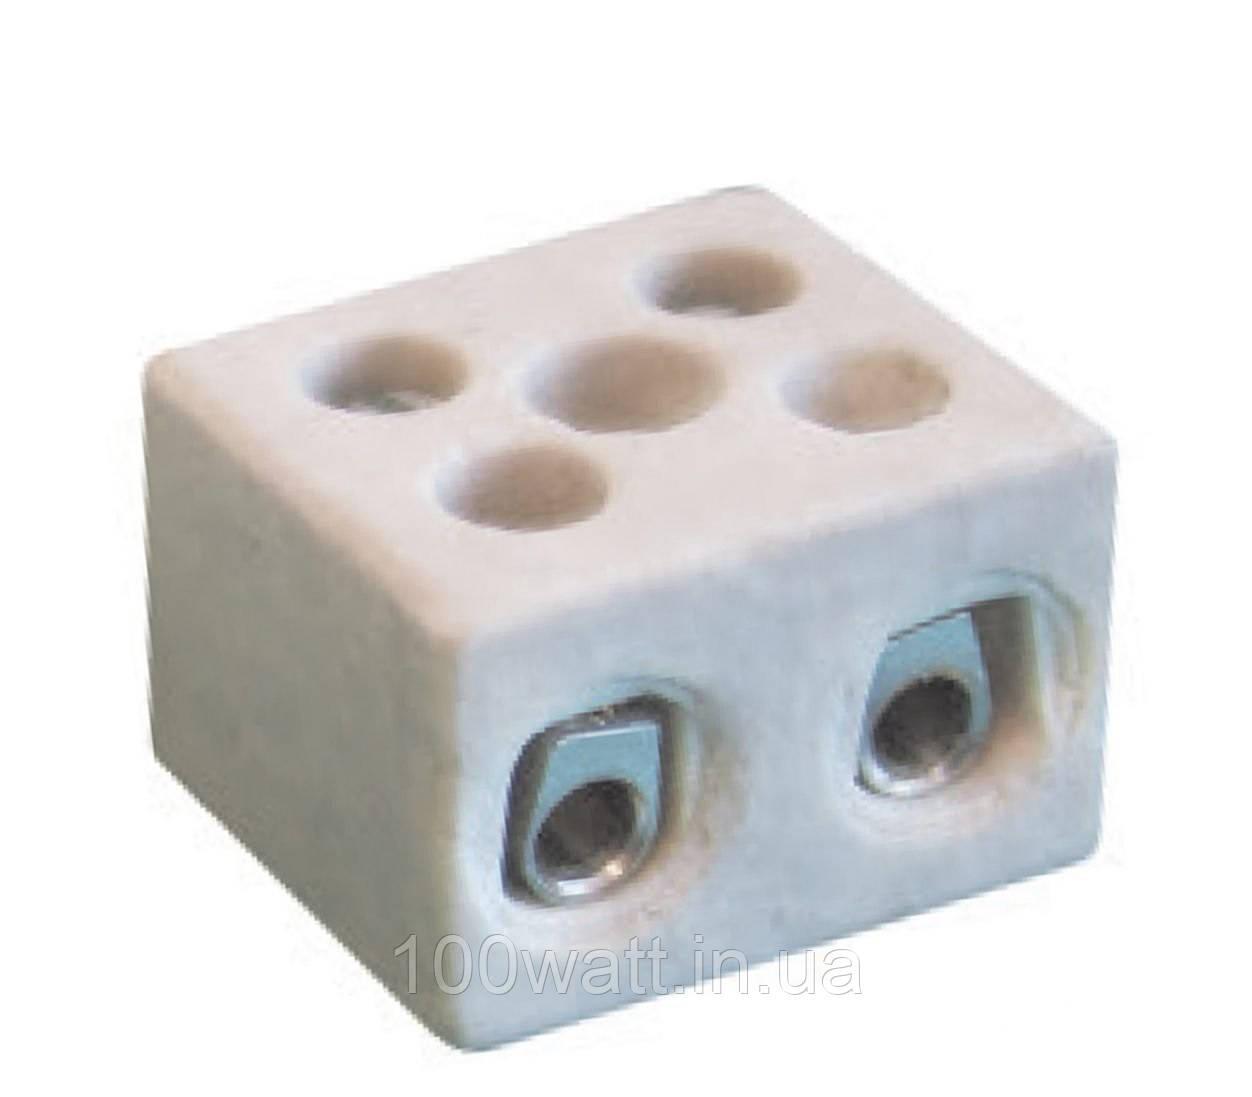 Клеммная  колодка керамическая 2LINE 5 A GAV131-1